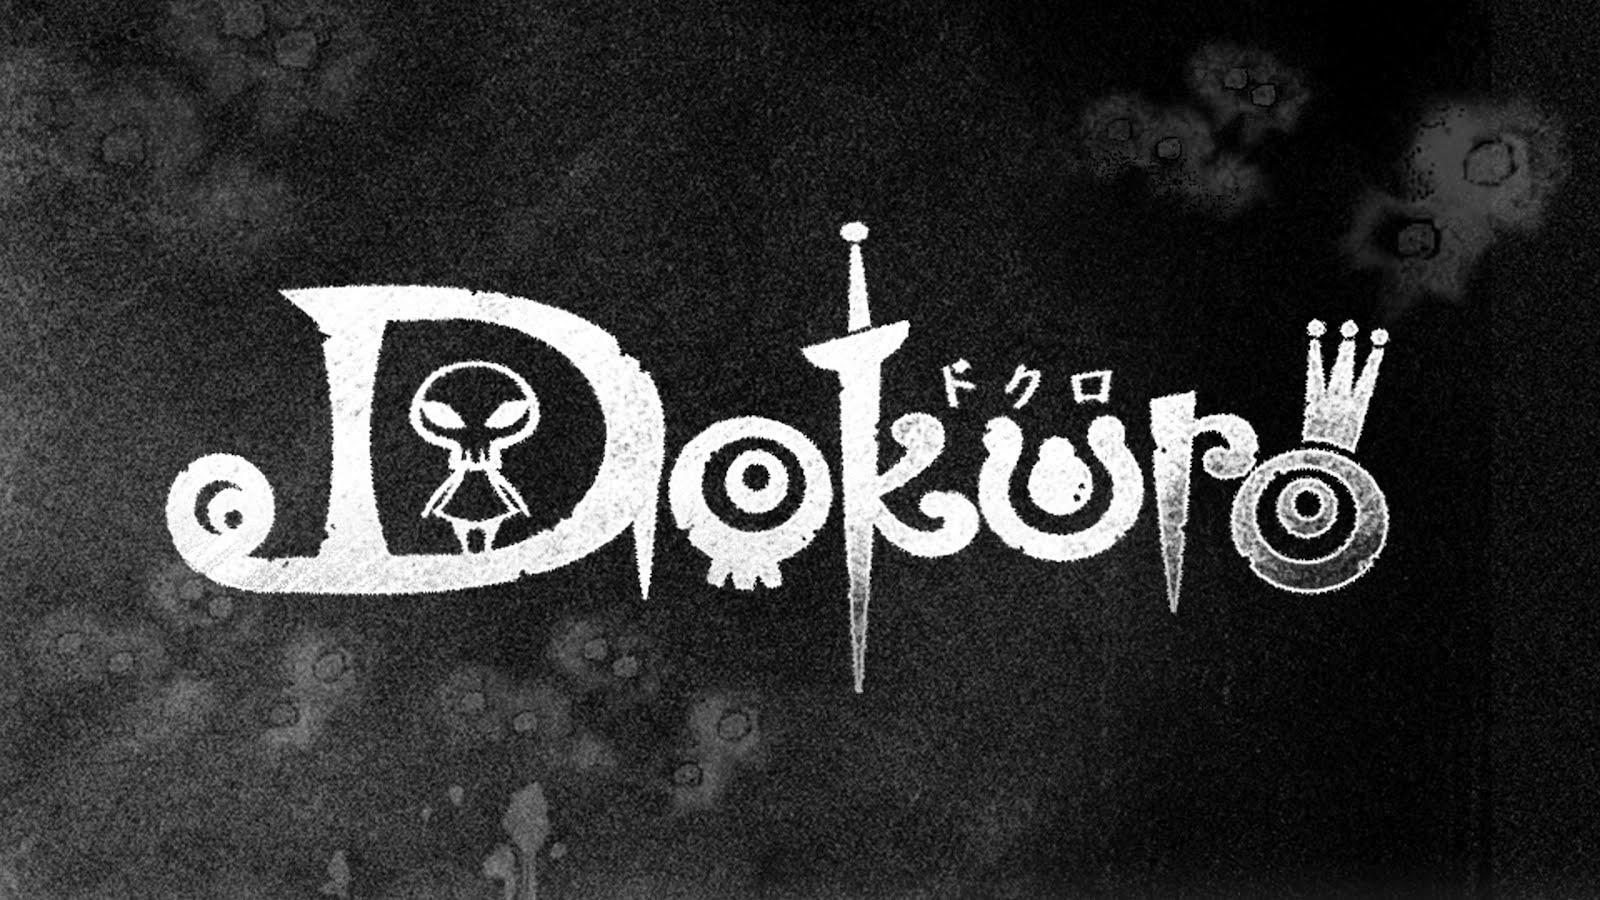 """[App] Dokuro """"เจ้าหญิงวุ่นวาย เจ้าชายโครงกระดูก"""" มีให้เล่นในมือถือทั้ง iOS และ Android ด้วยนะ"""